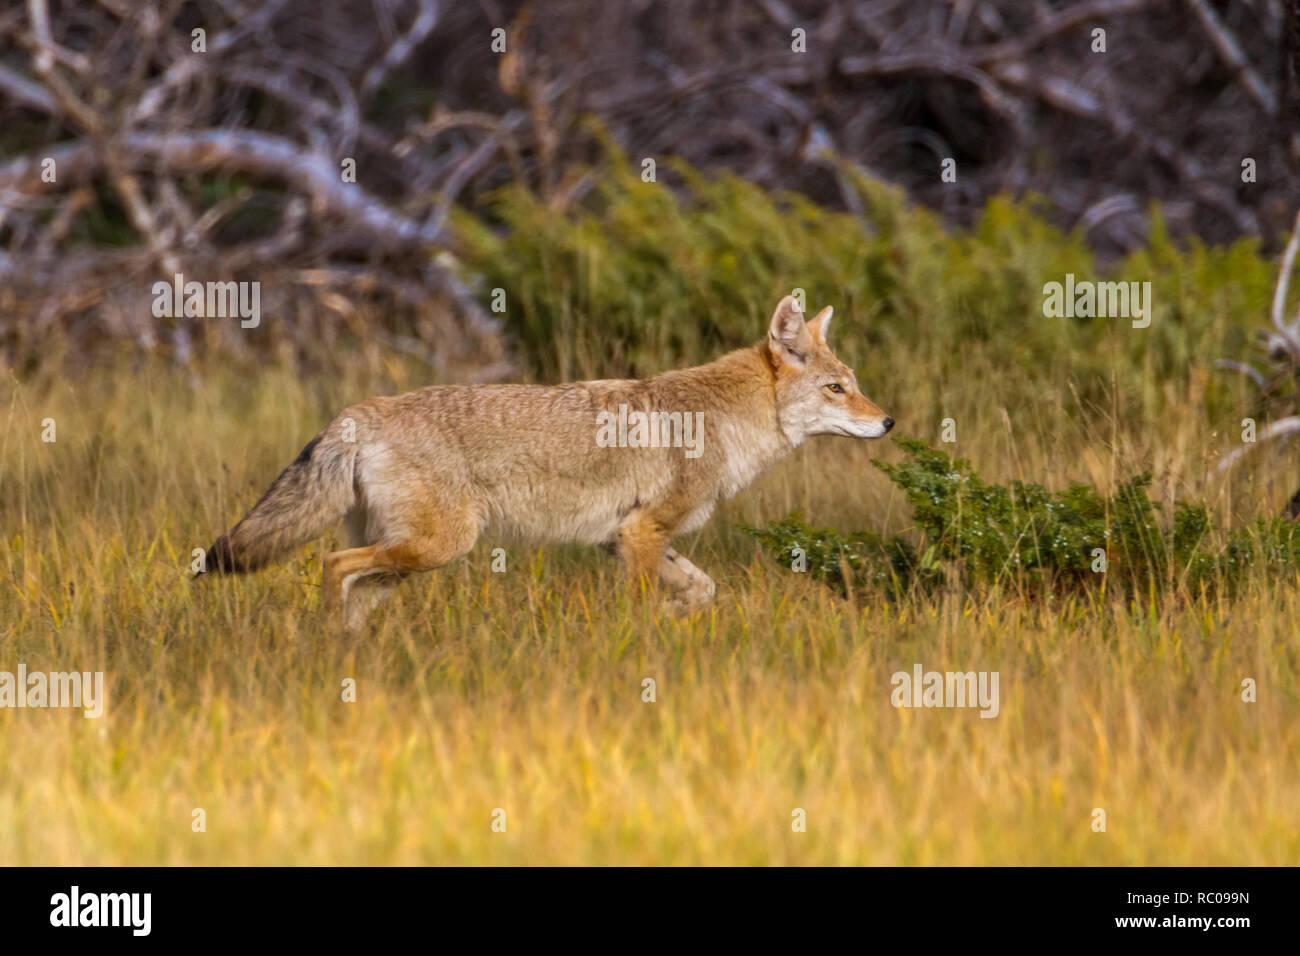 Vue latérale du coyote sauvages se déplaçant dans l'herbe près des arbres où il se déplace dans le parc national de Banff dans la lumière du soir. Photo Stock